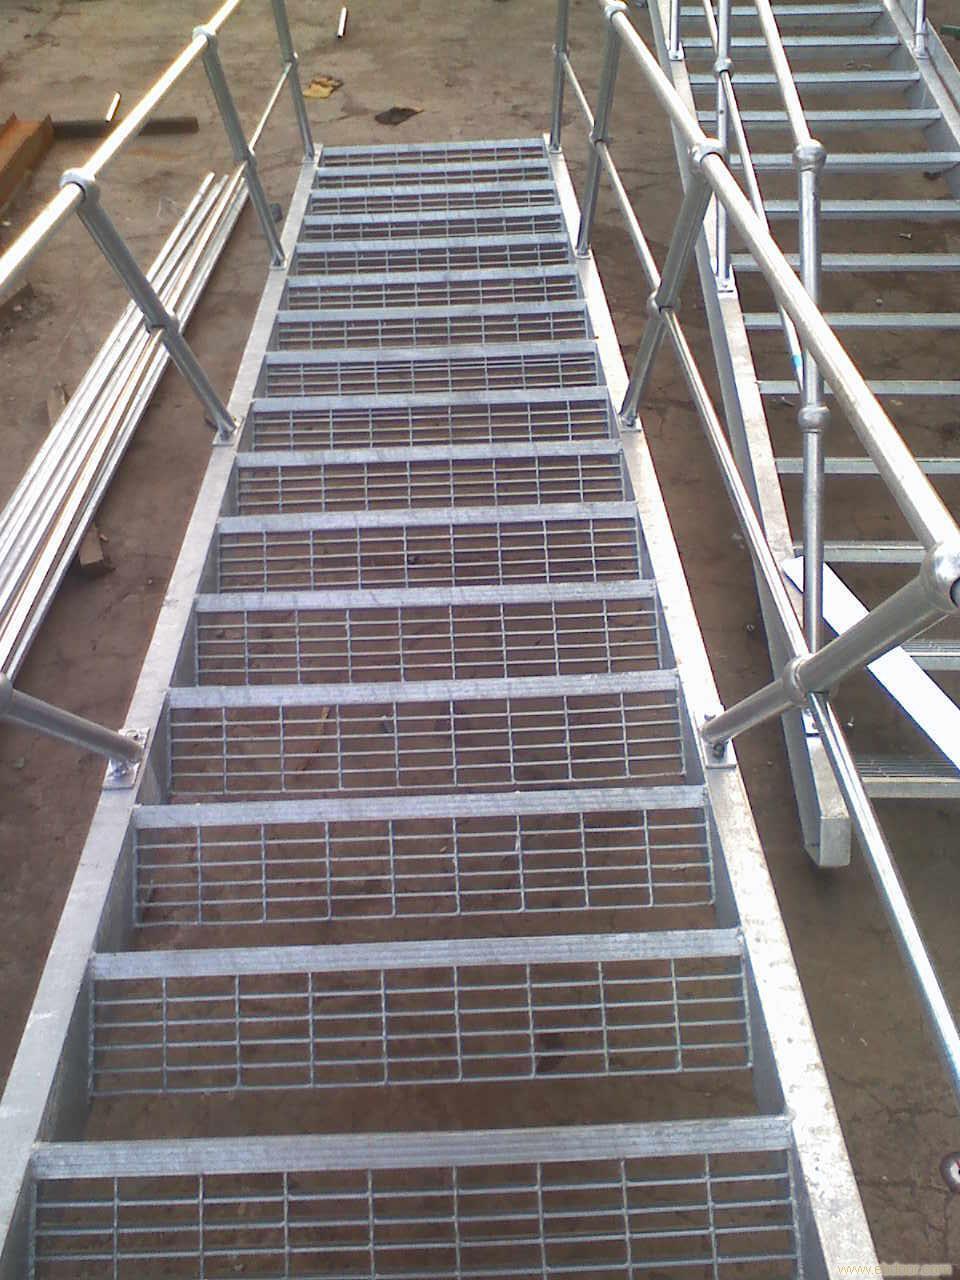 钢梯踏步板,钢梯板,梯踏板,踢踏板,脚踏板,钢梯台阶